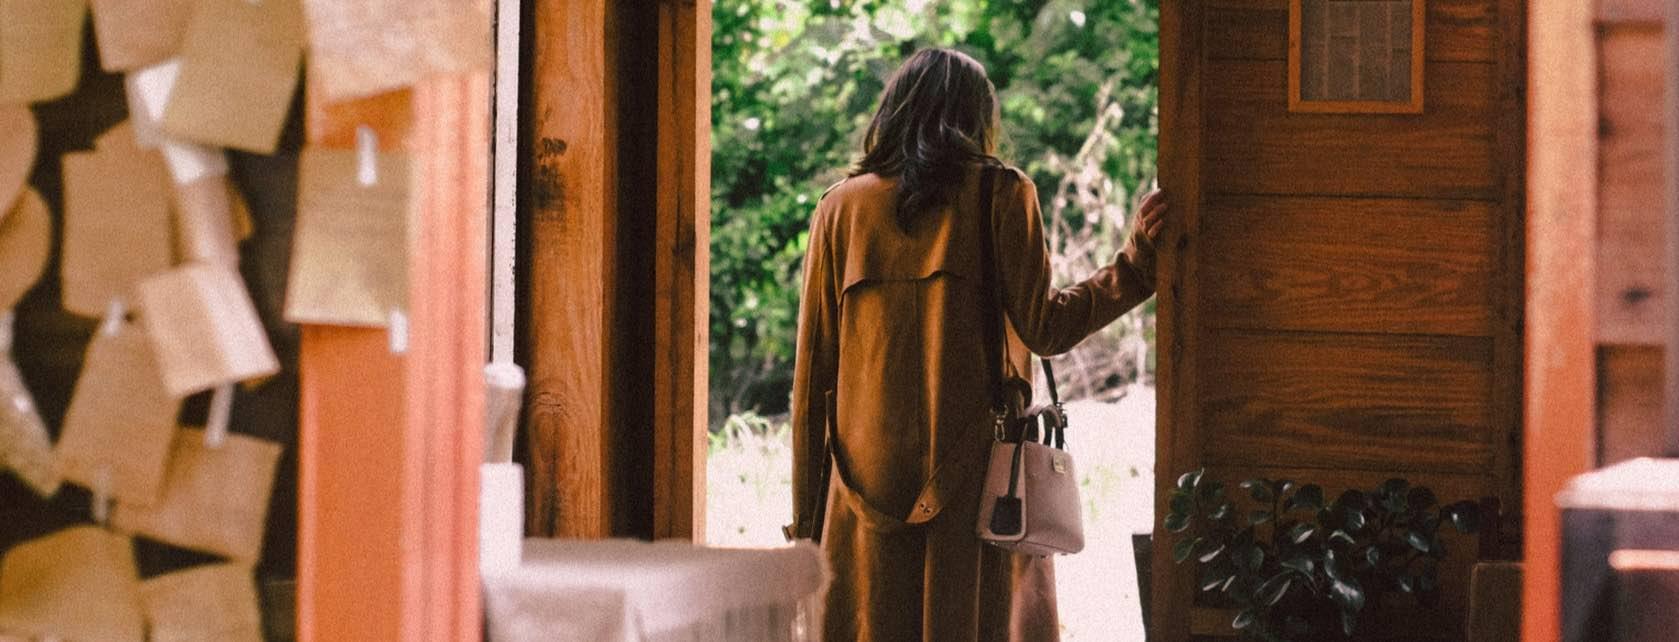 Woman in Door